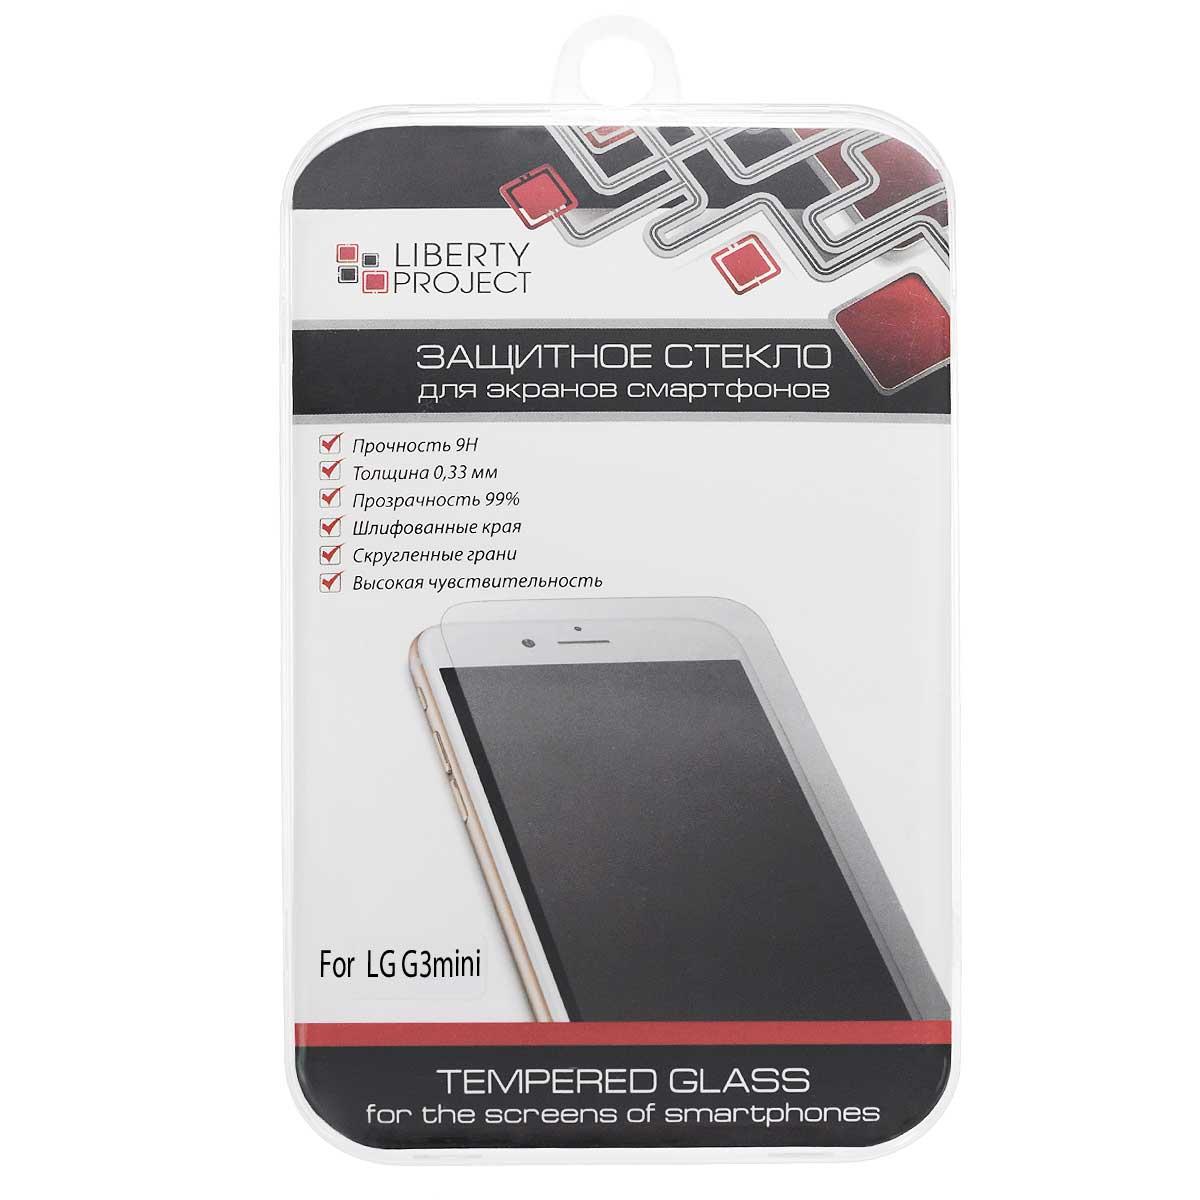 Liberty Project Tempered Glass защитное стекло для LG G3 mini, Clear (0,33 мм)0L-00000513Защитное стекло Liberty Project Tempered Glass предназначено для защиты поверхности экрана, от царапин, потертостей, отпечатков пальцев и прочих следов механического воздействия. Гарантирует высокую чувствительность при работе с устройством. Данная модель также обладает антибликовым и водоотталкивающим эффектом.